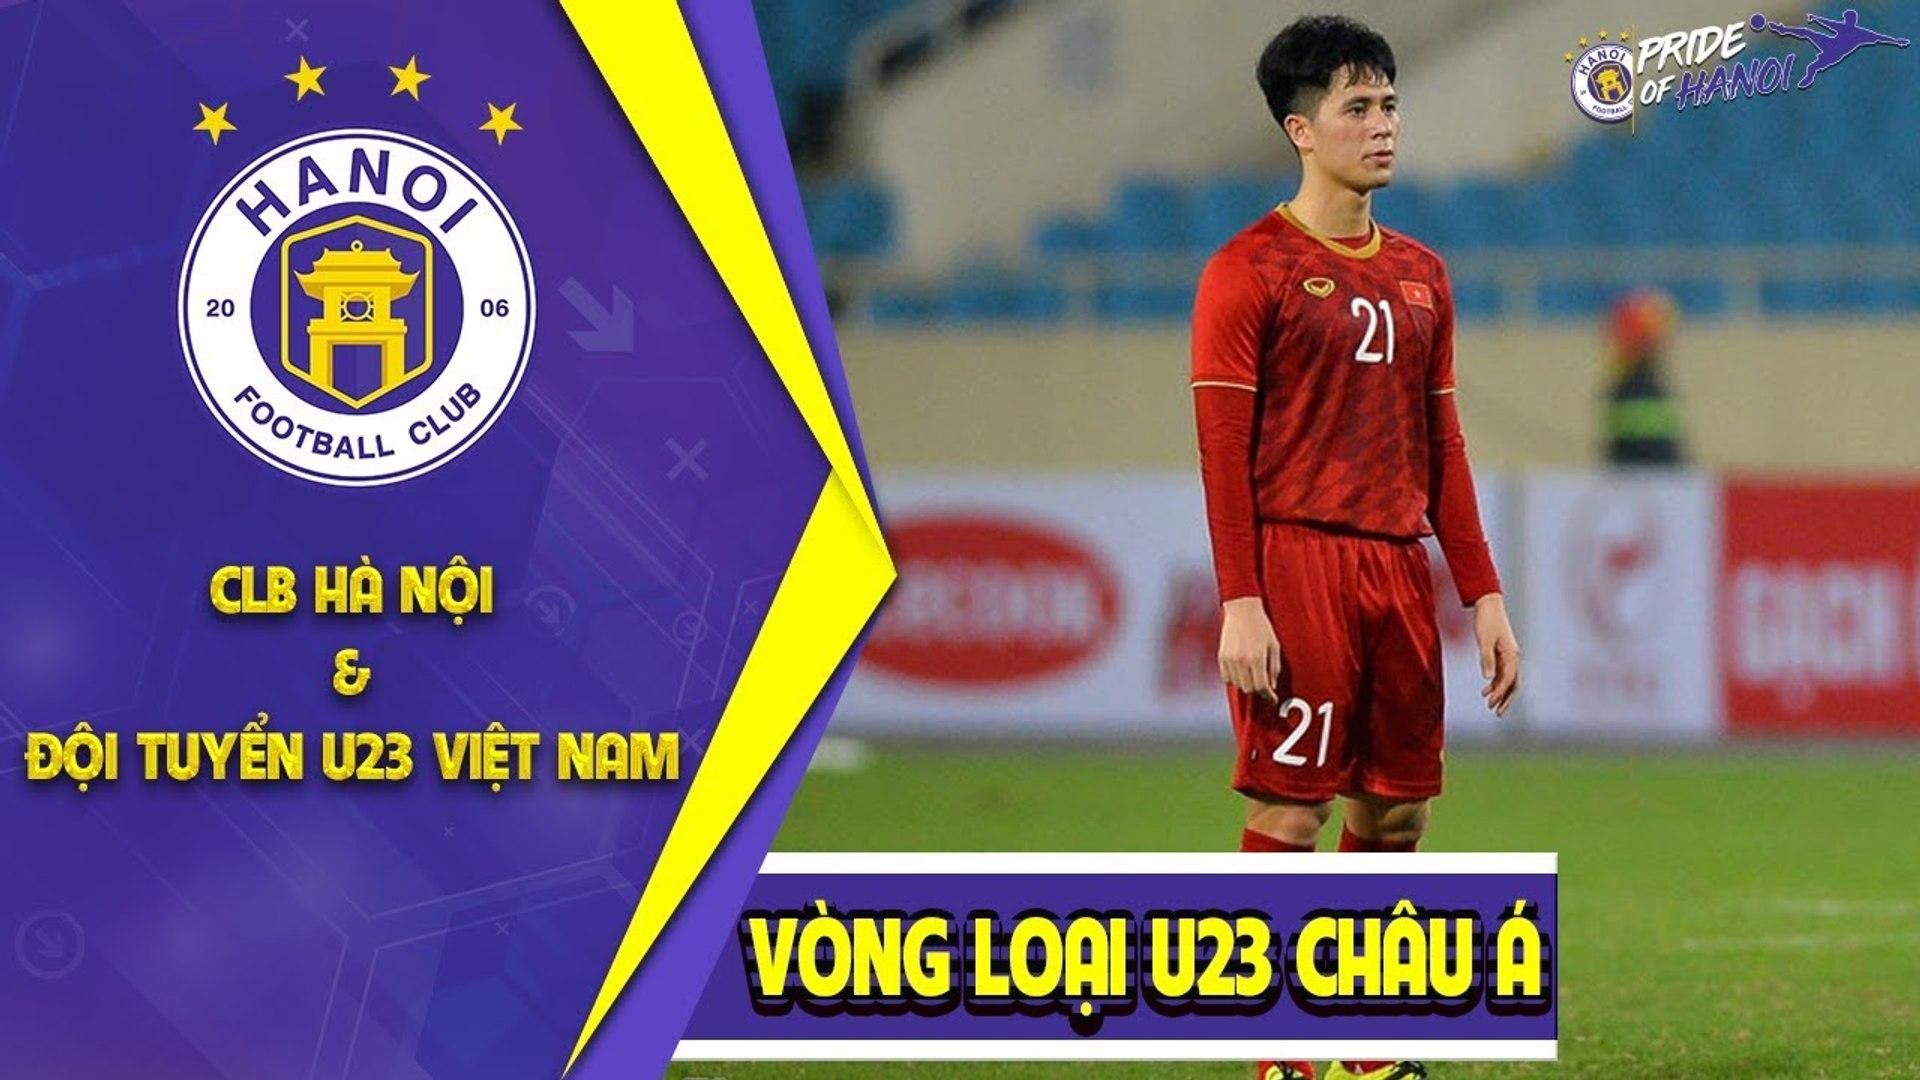 NÓNG | Supachai nhận thẻ đỏ trực tiếp sau tình huống đấm vào mặt Đình Trọng | HANOI FC